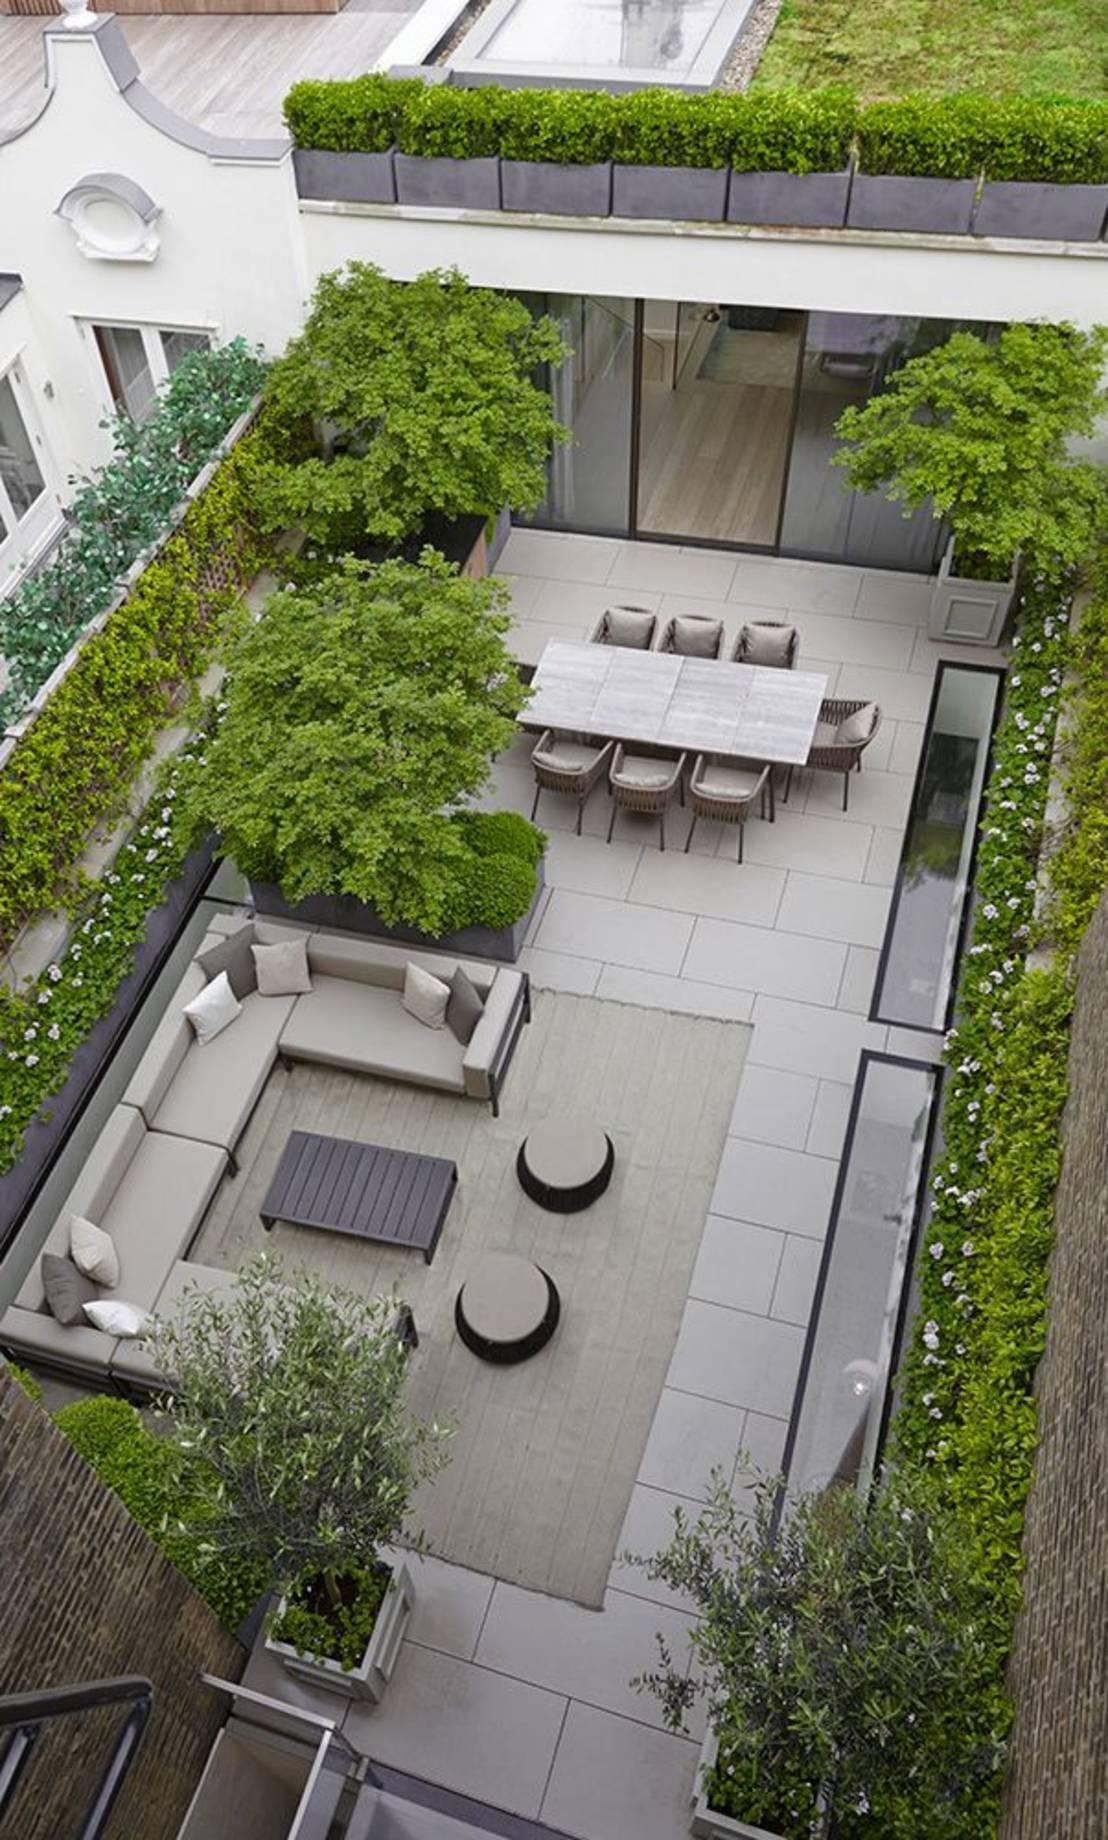 Thiết kế vườn sau cho nhà ống đẹp mê ly 2